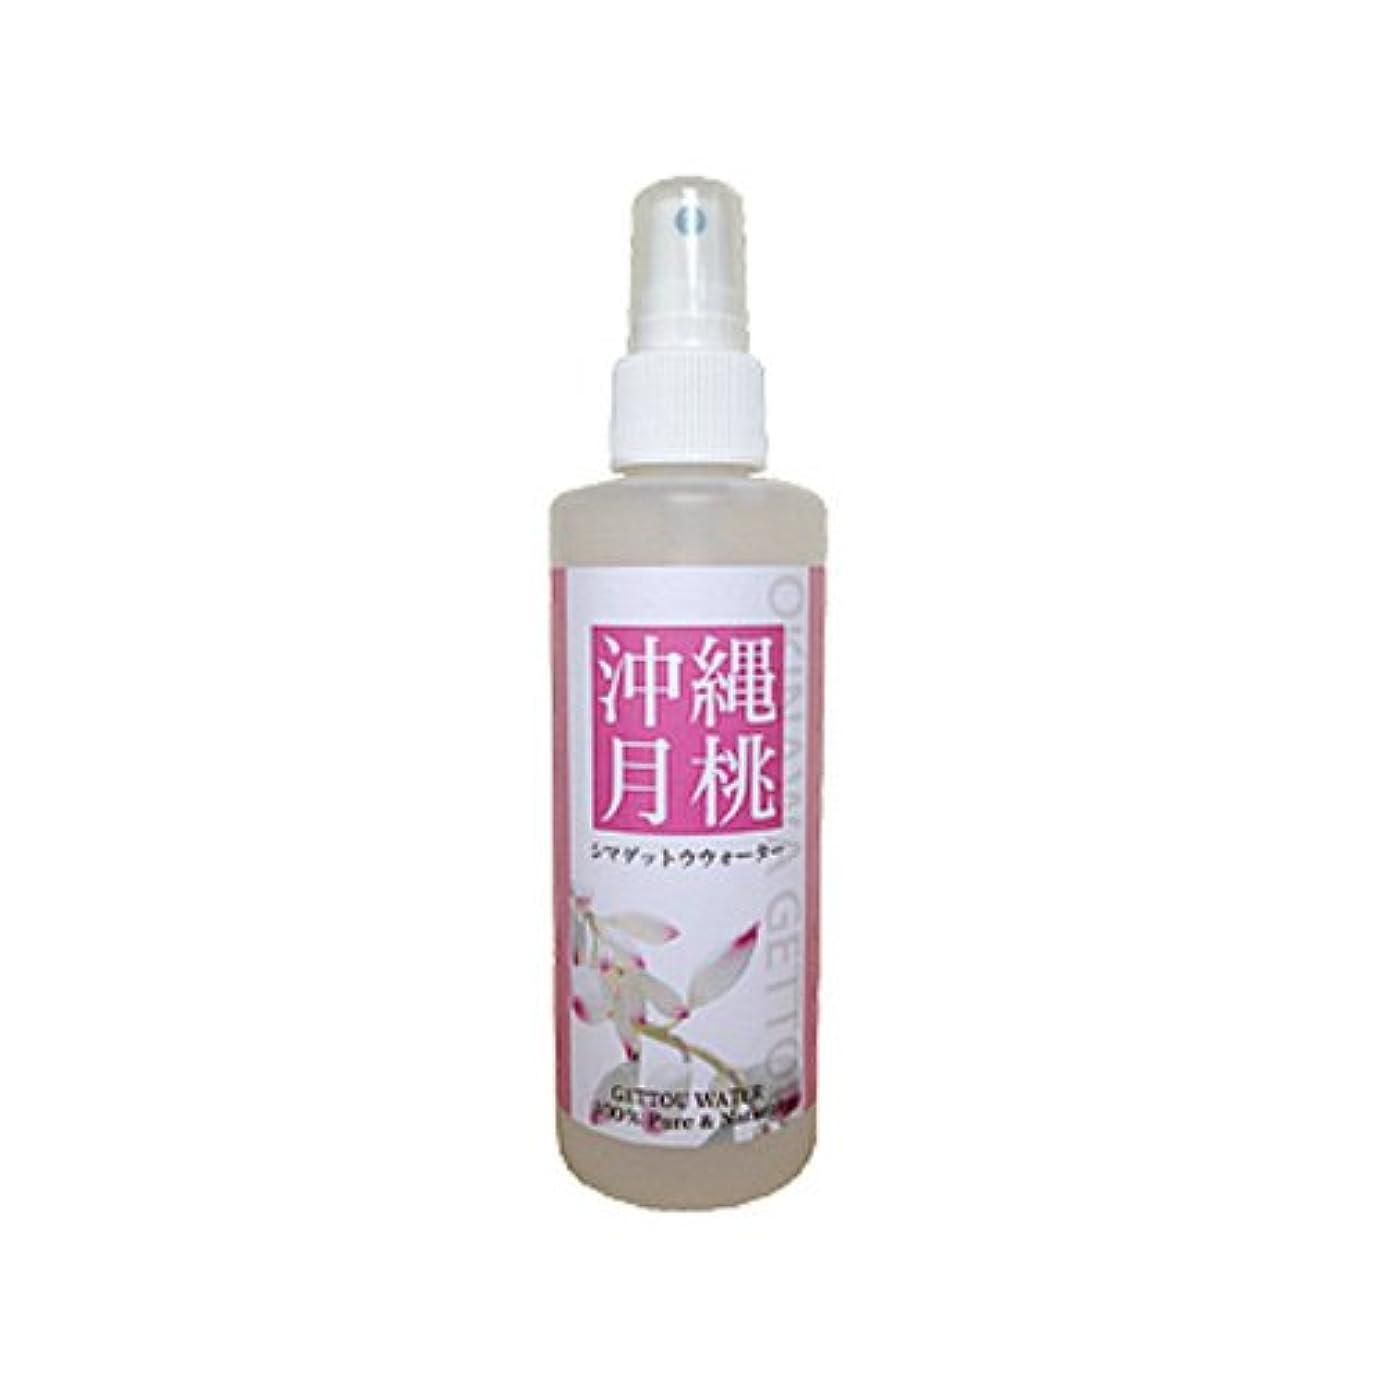 スパイ小売断線月桃蒸留水 フローラルウォーター シマ月桃葉100%使用 200ml